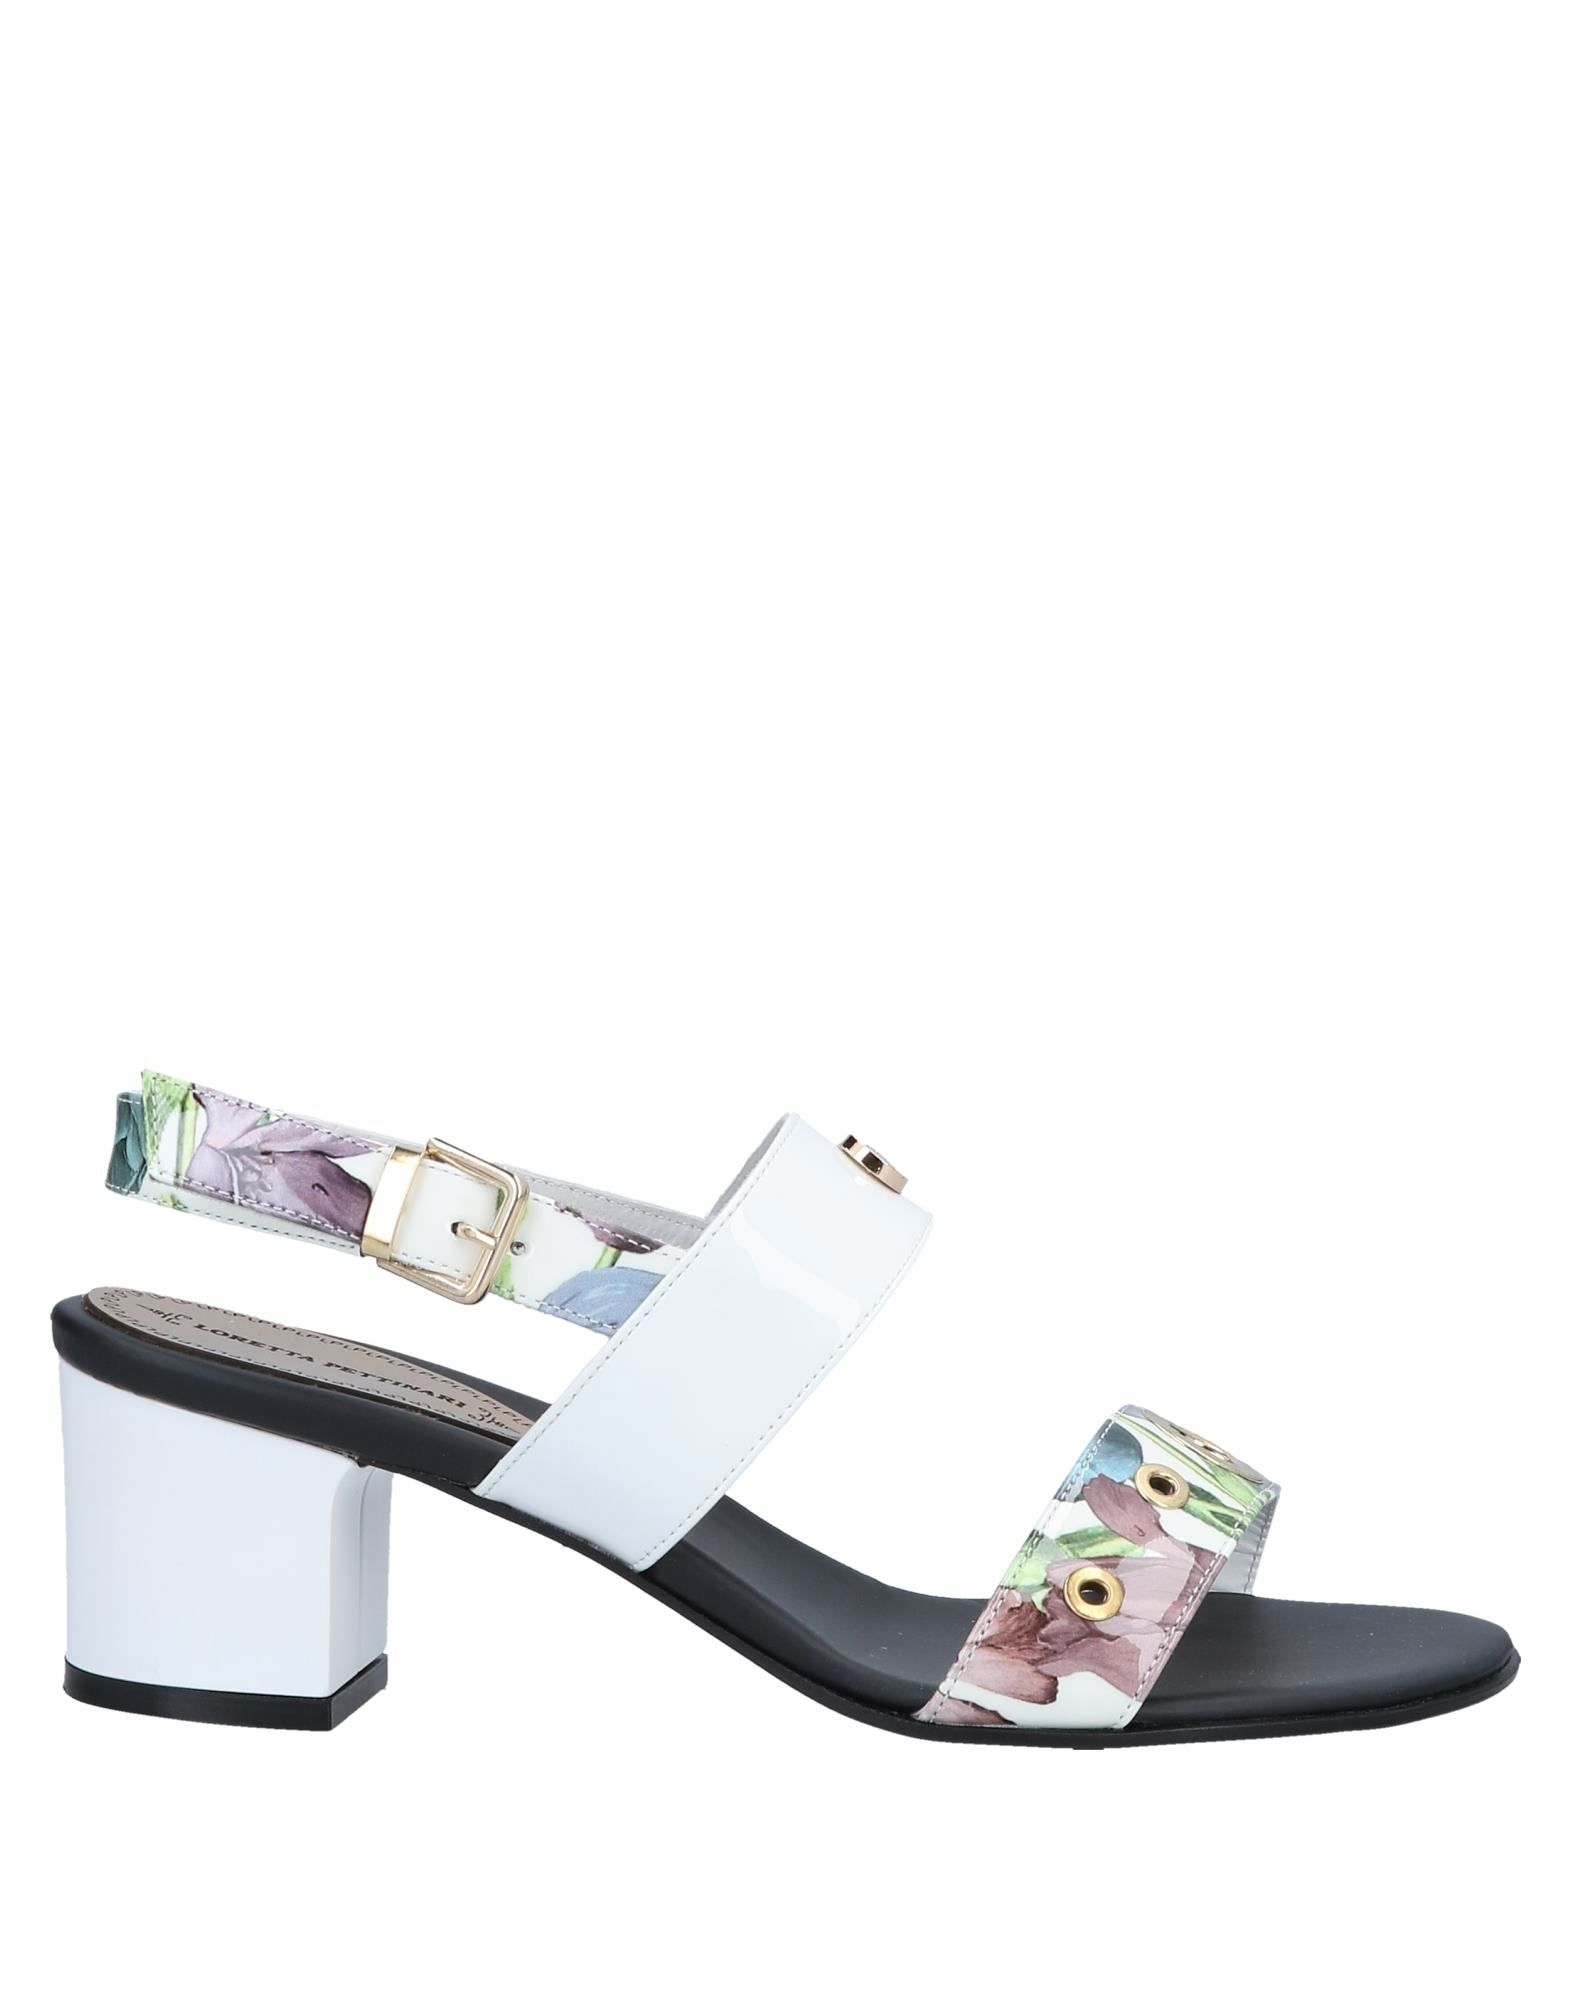 Loretta Pettinari Pettinari Sandals - Women Loretta Pettinari Pettinari Sandals online on  United Kingdom - 11564743FX 0e133a